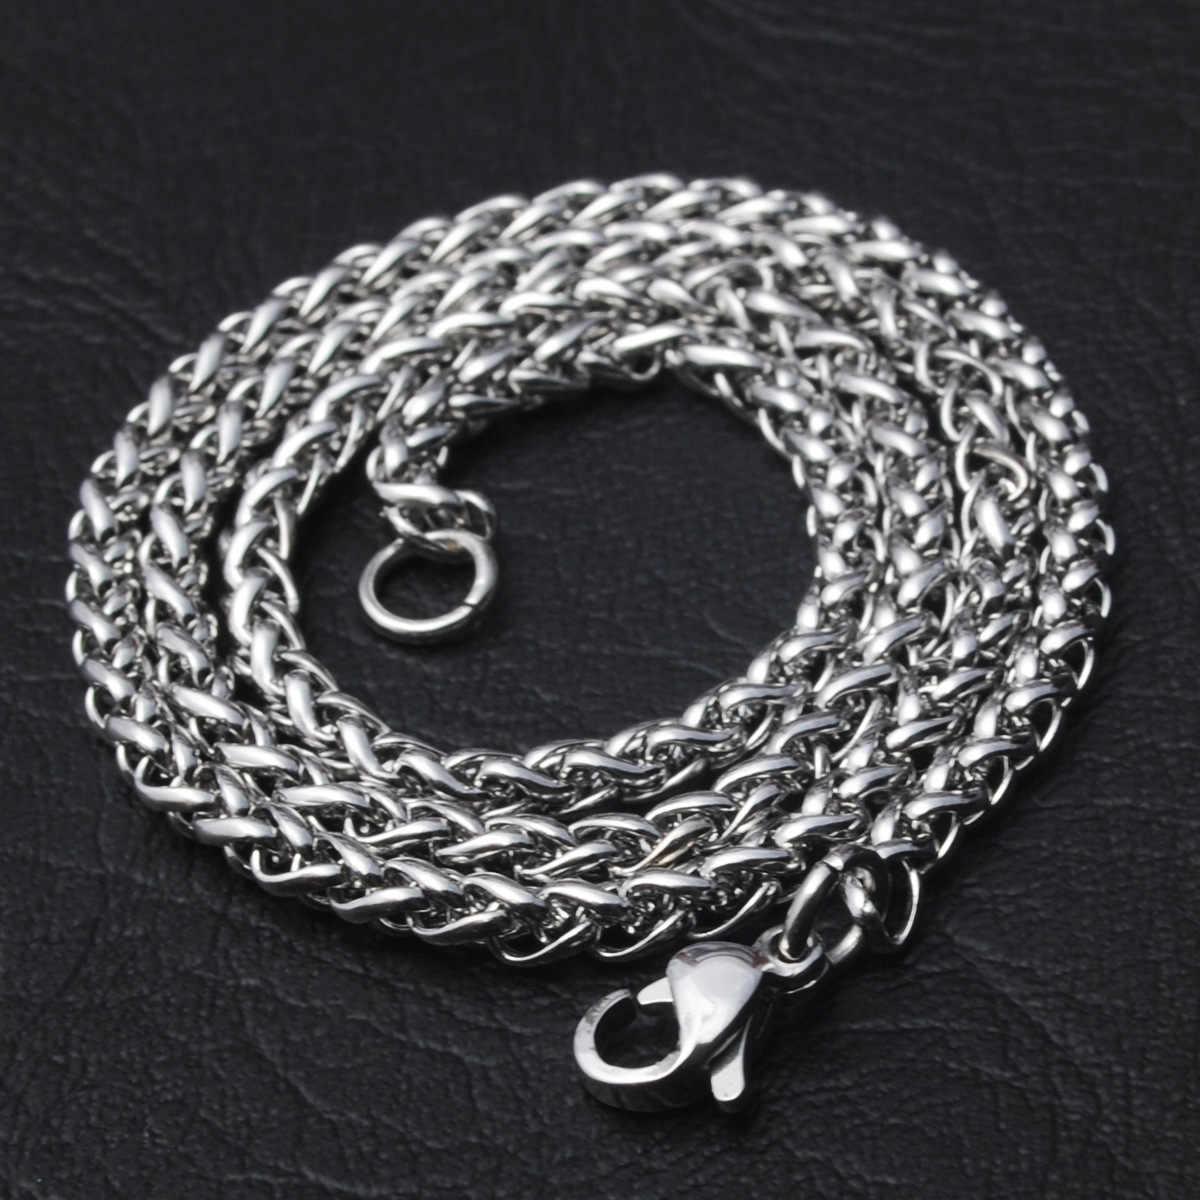 Nowa moda 50/60/70/80cm długość łańcuch ze stali nierdzewnej zapięciem homara proste naszyjnik łańcuszkowy dla mężczyzn party